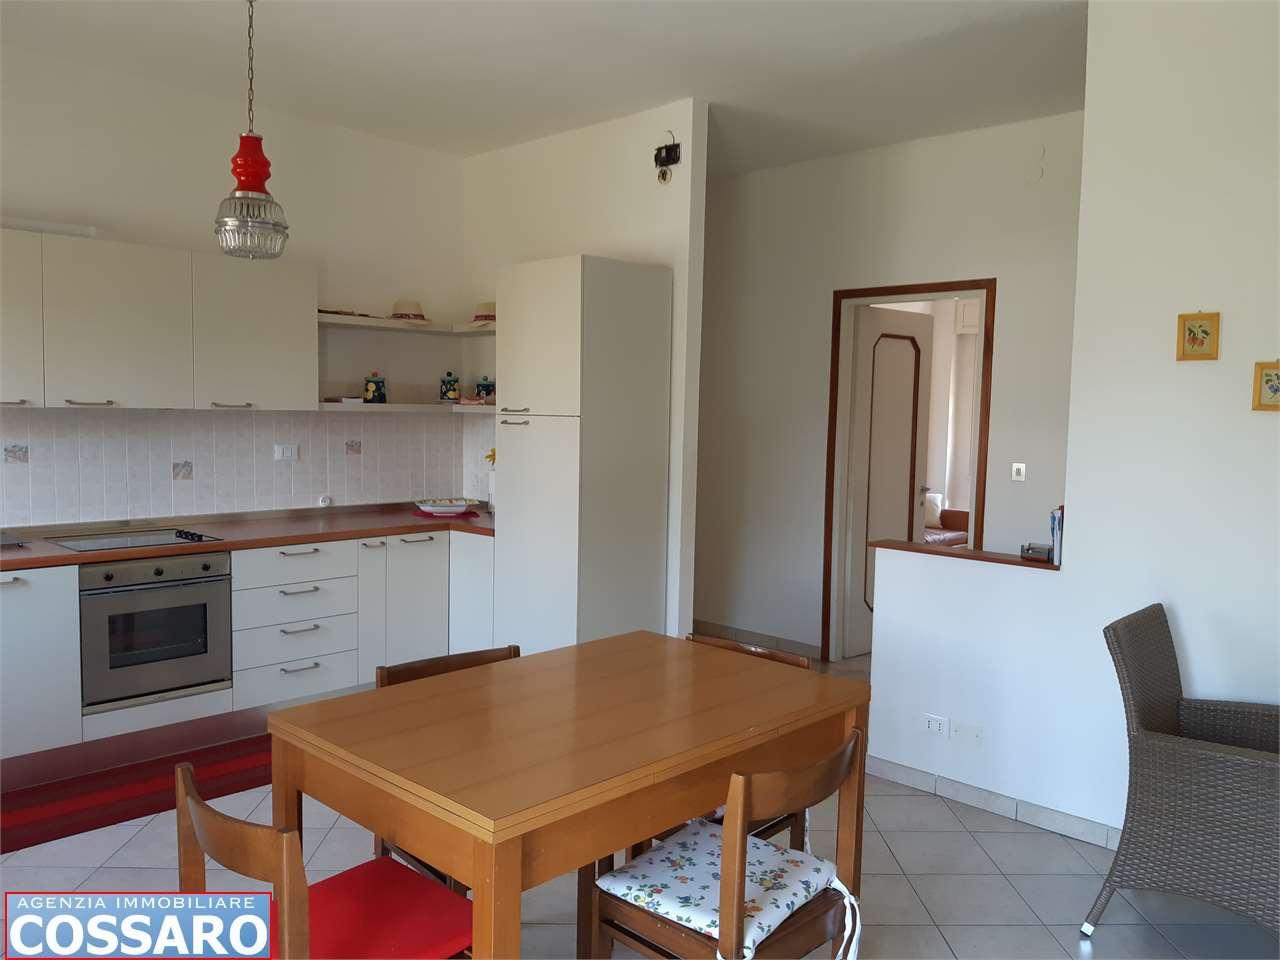 Appartamento in vendita a Castions di Strada, 5 locali, prezzo € 78.000 | CambioCasa.it